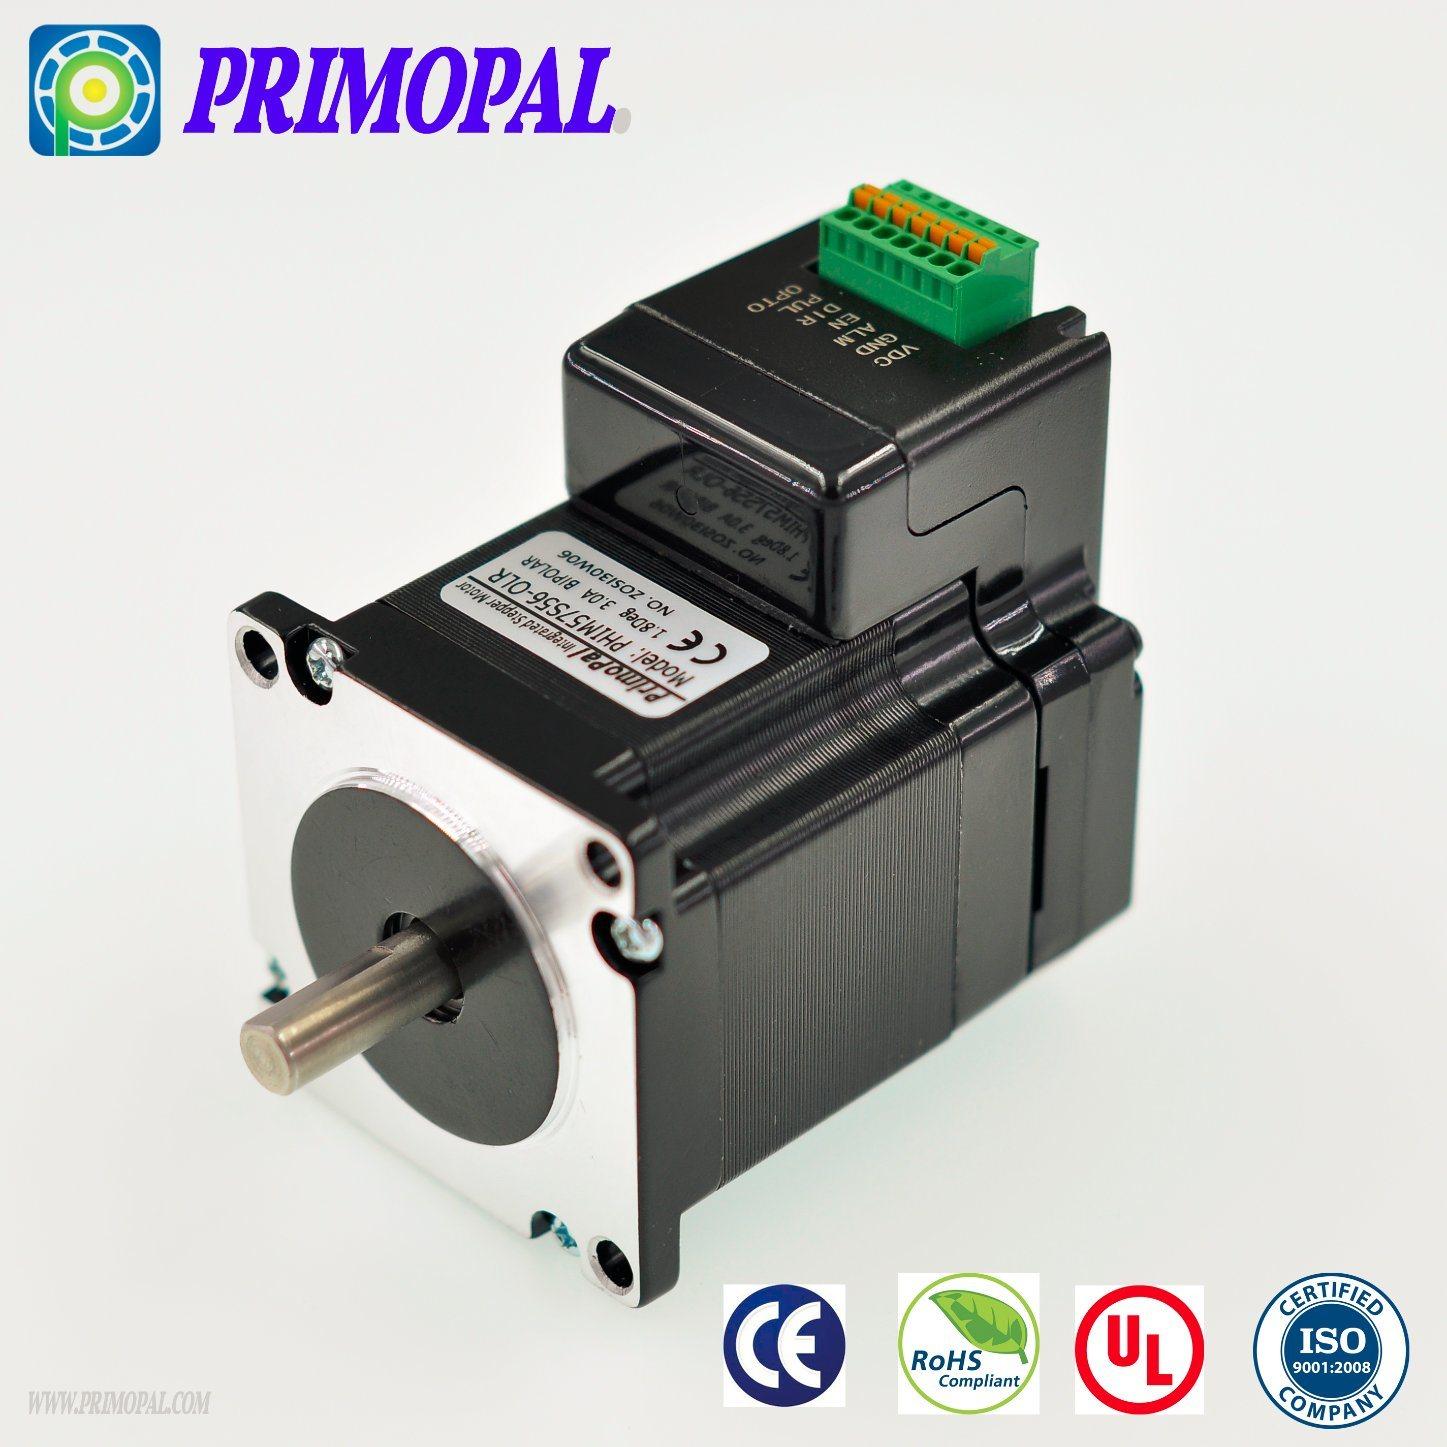 1.8 Deg/Step NEMA 8 Stepper Motor for CNC Applications